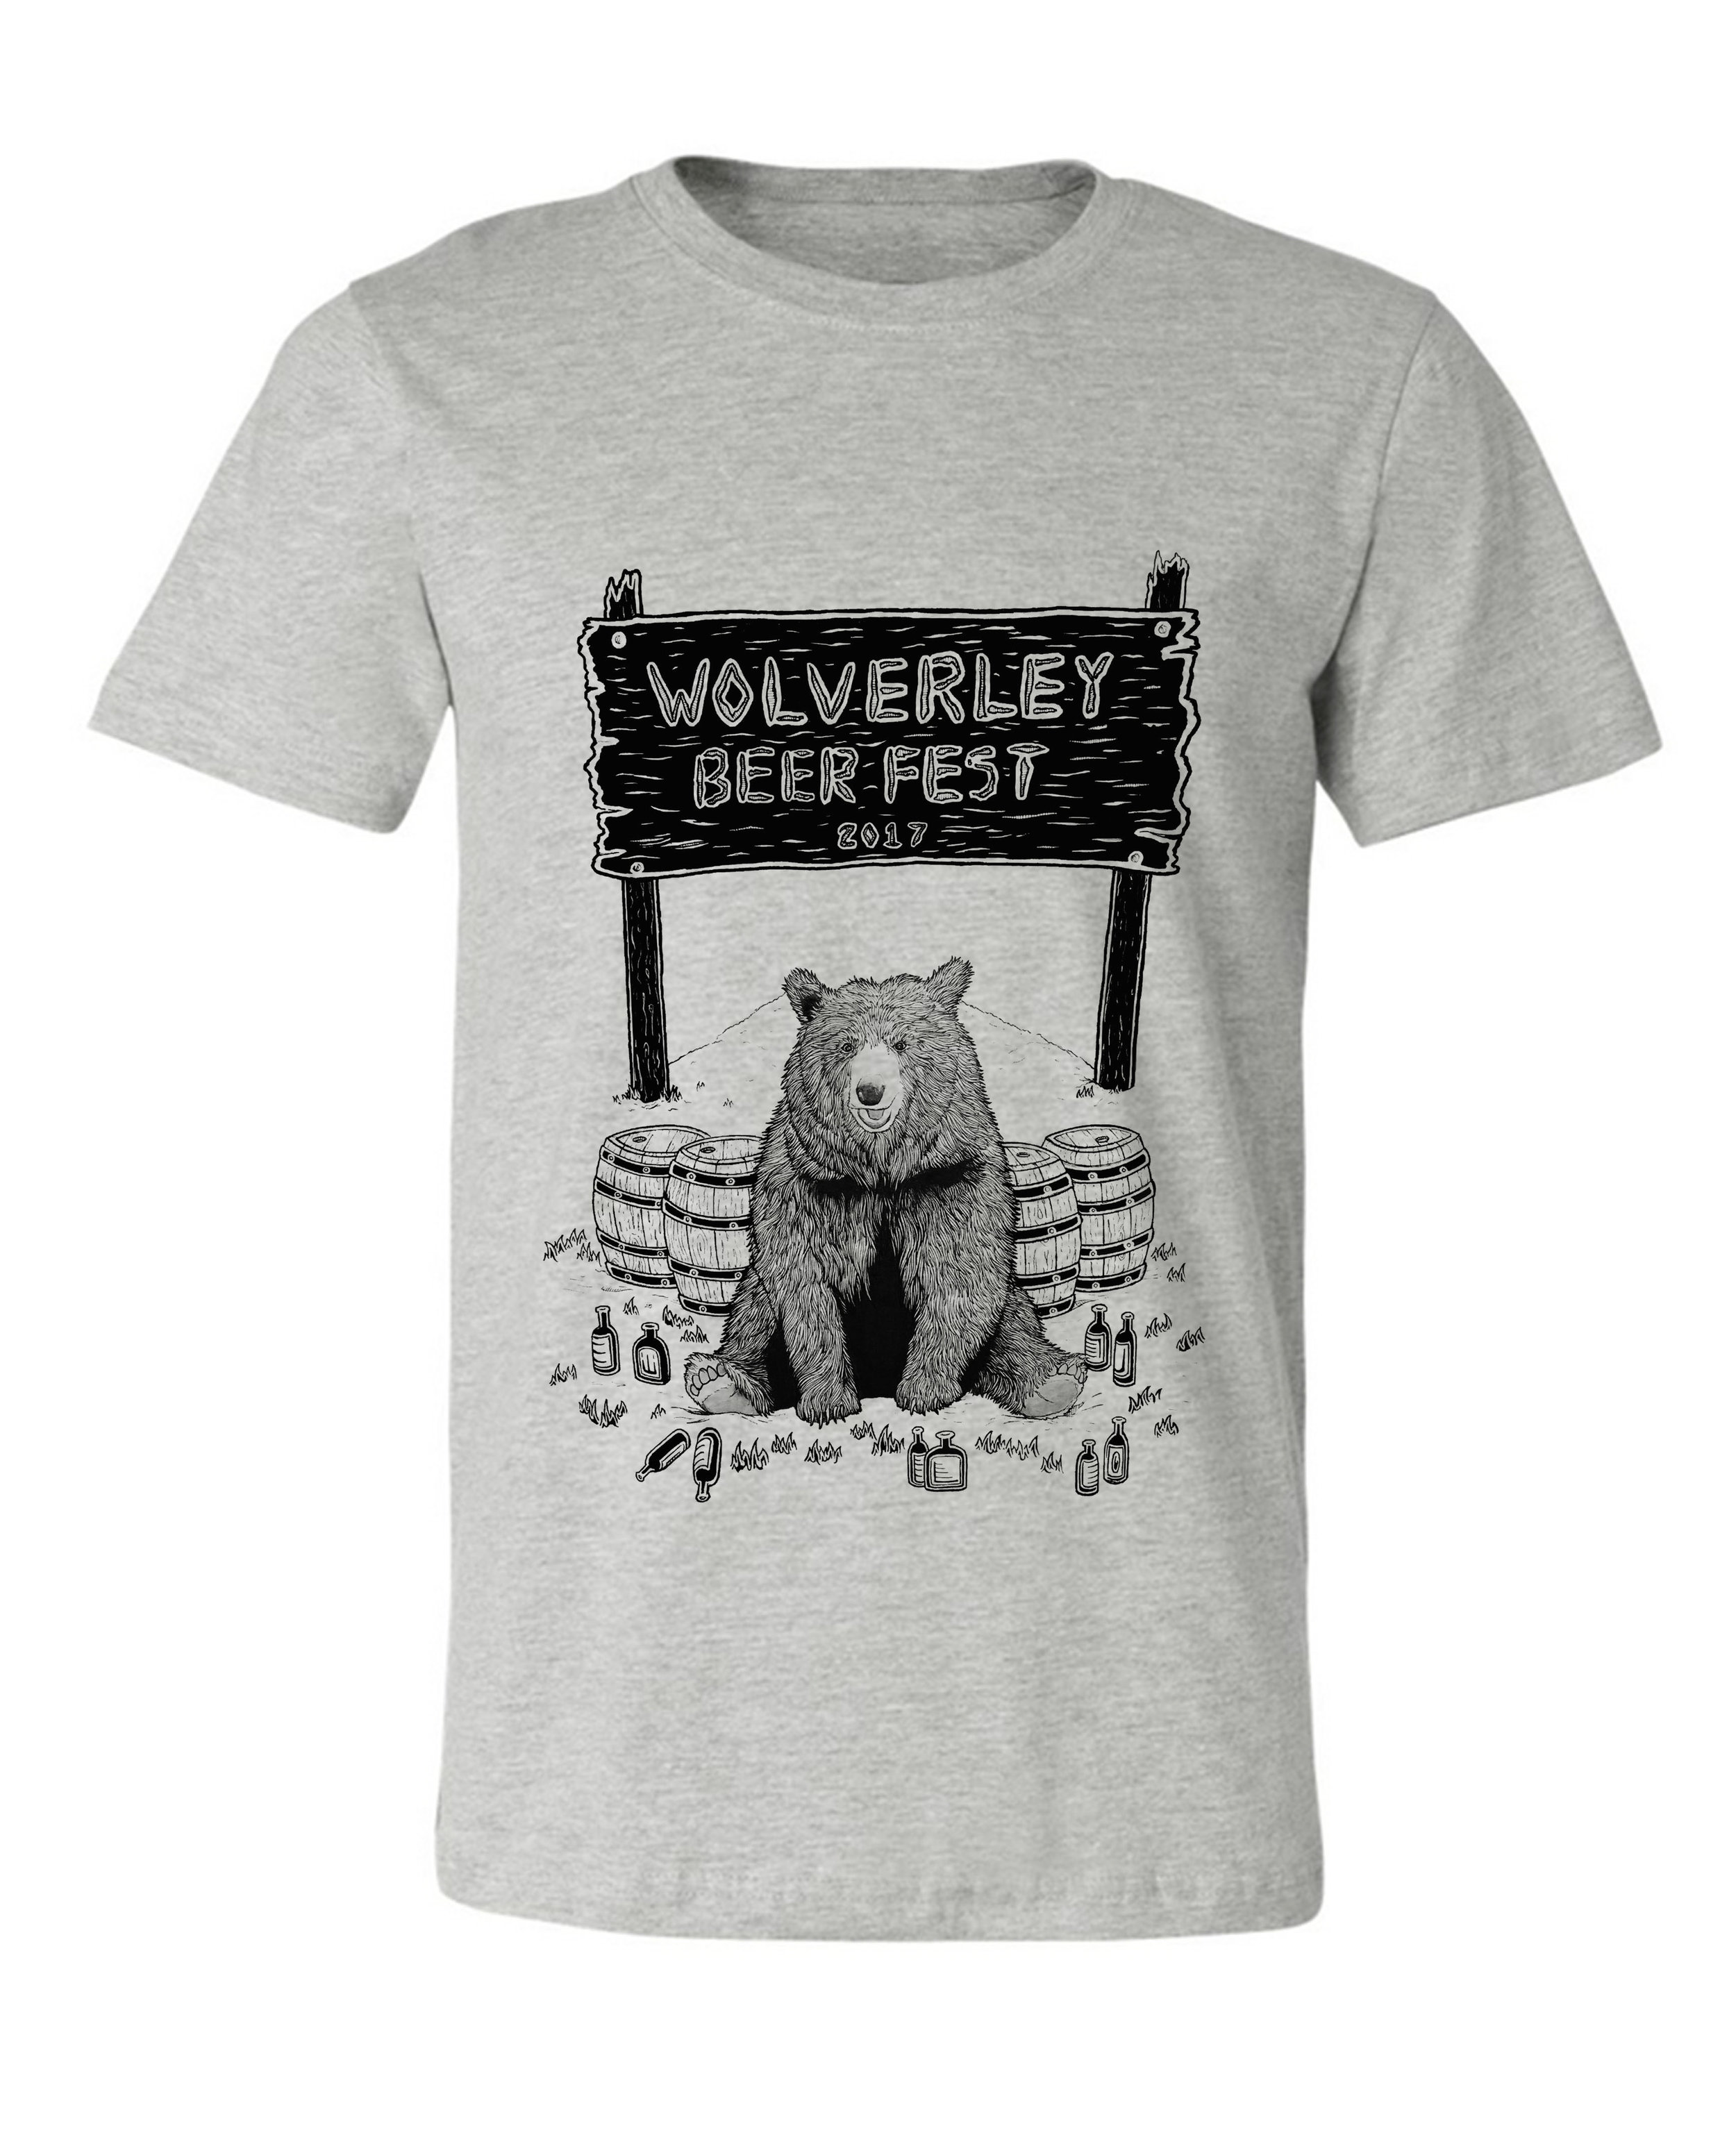 Wolverley Beer Fest